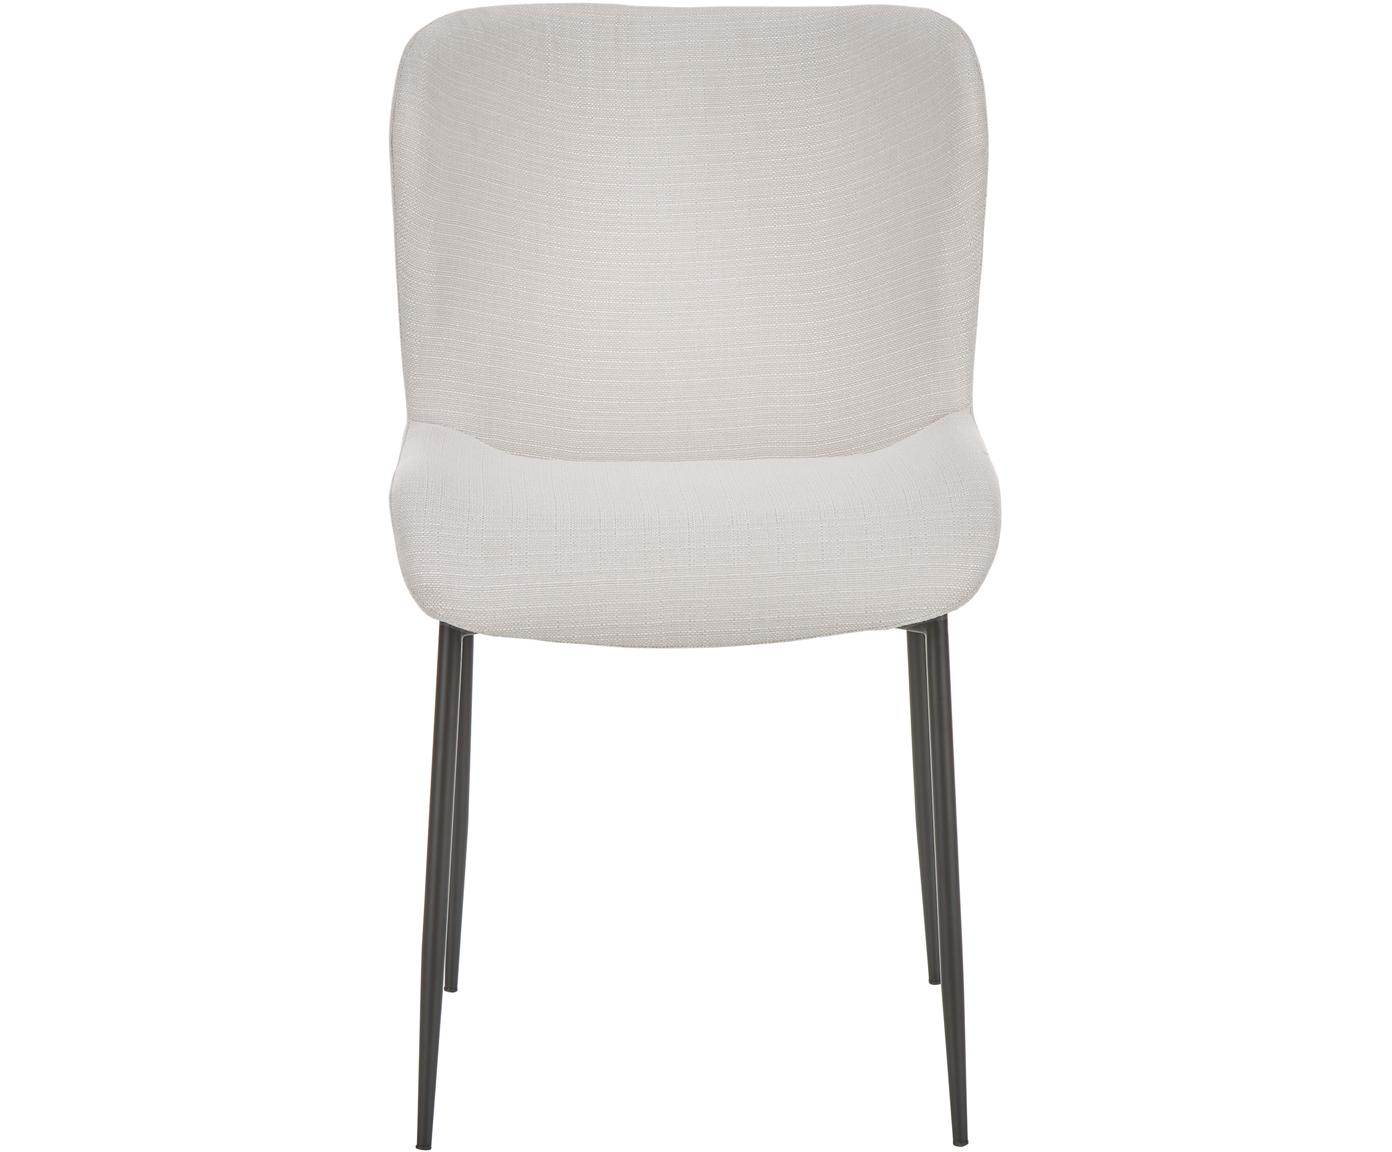 Gestoffeerde stoel Tess, Bekleding: polyester, Poten: gepoedercoat metaal, Geweven stof crèmewit, poten zwart, B 48 x D 64 cm